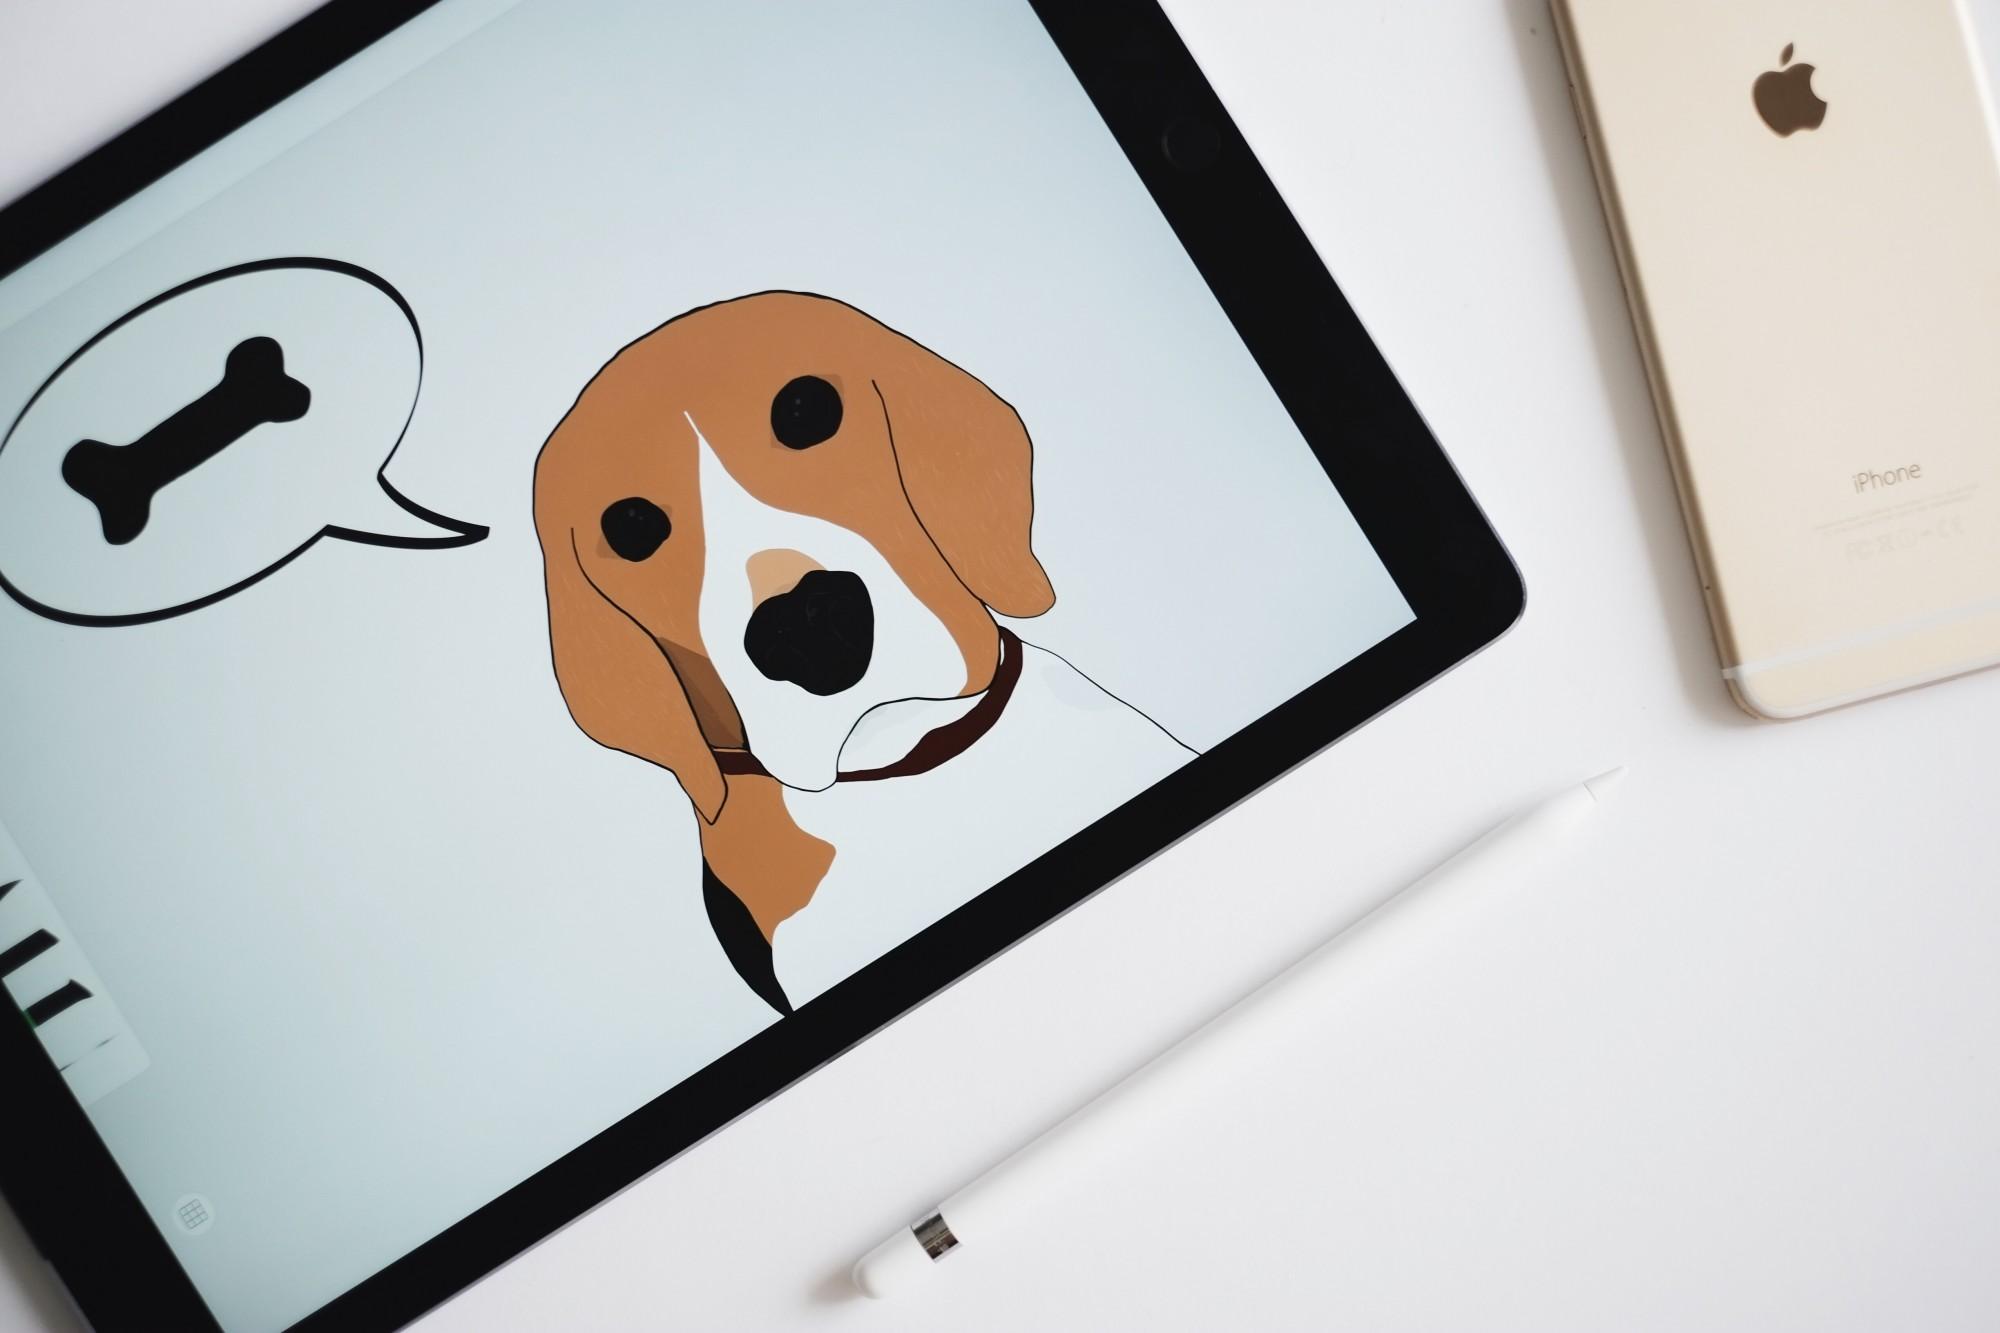 Apple Pencil Illustration iPad Pro